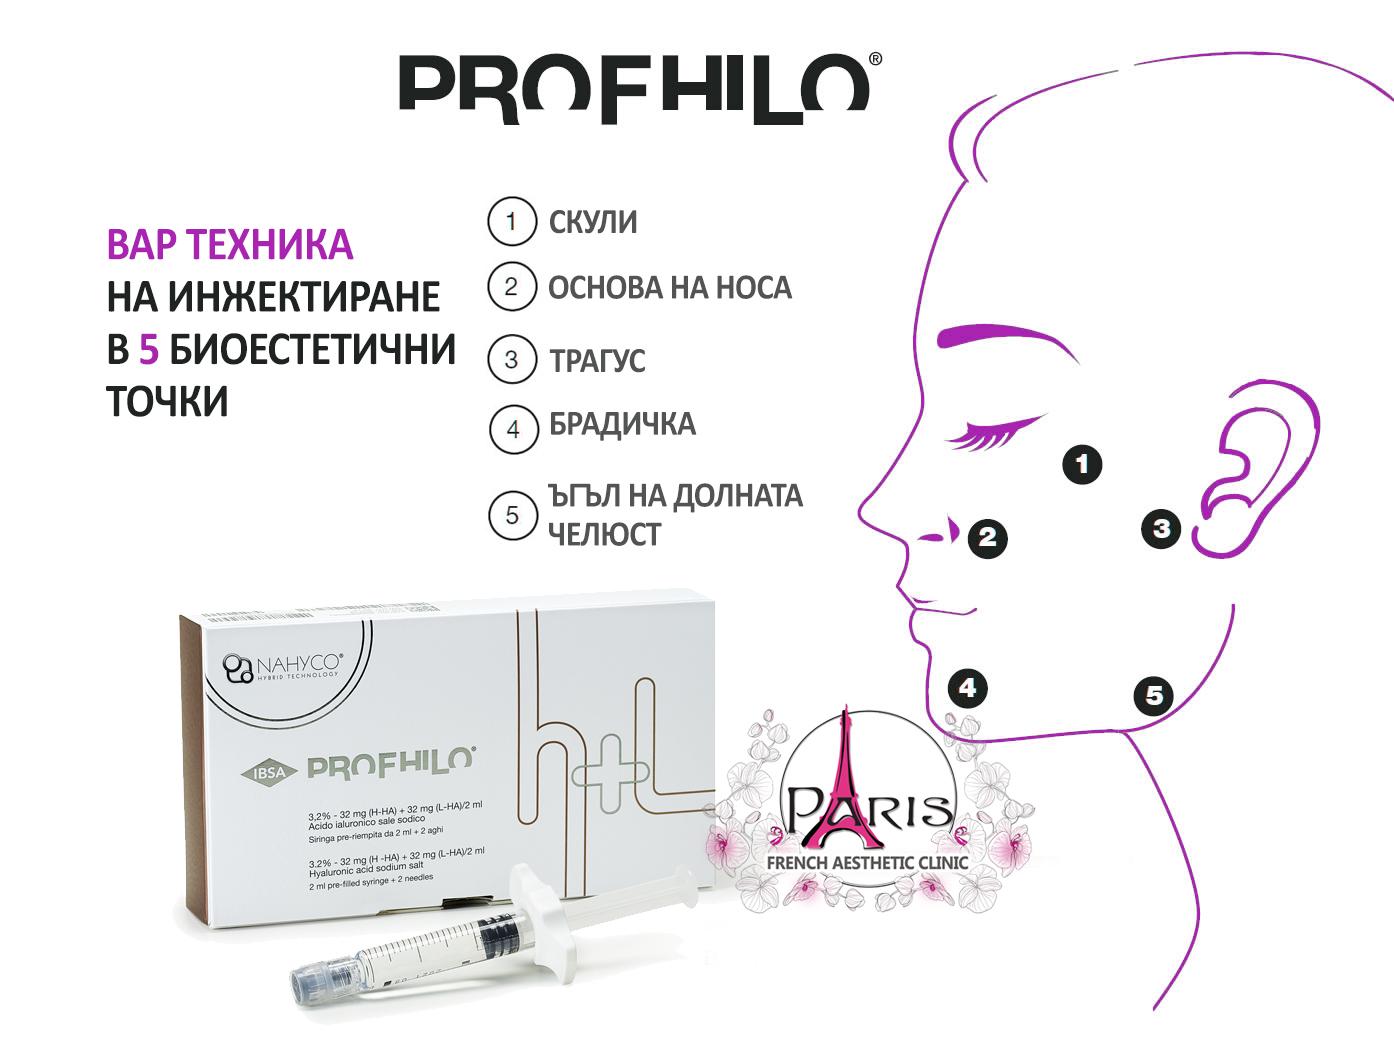 Profhilo Профило-BAP техника на инжектиране само в 5 точки - Лазер Клиник Париж